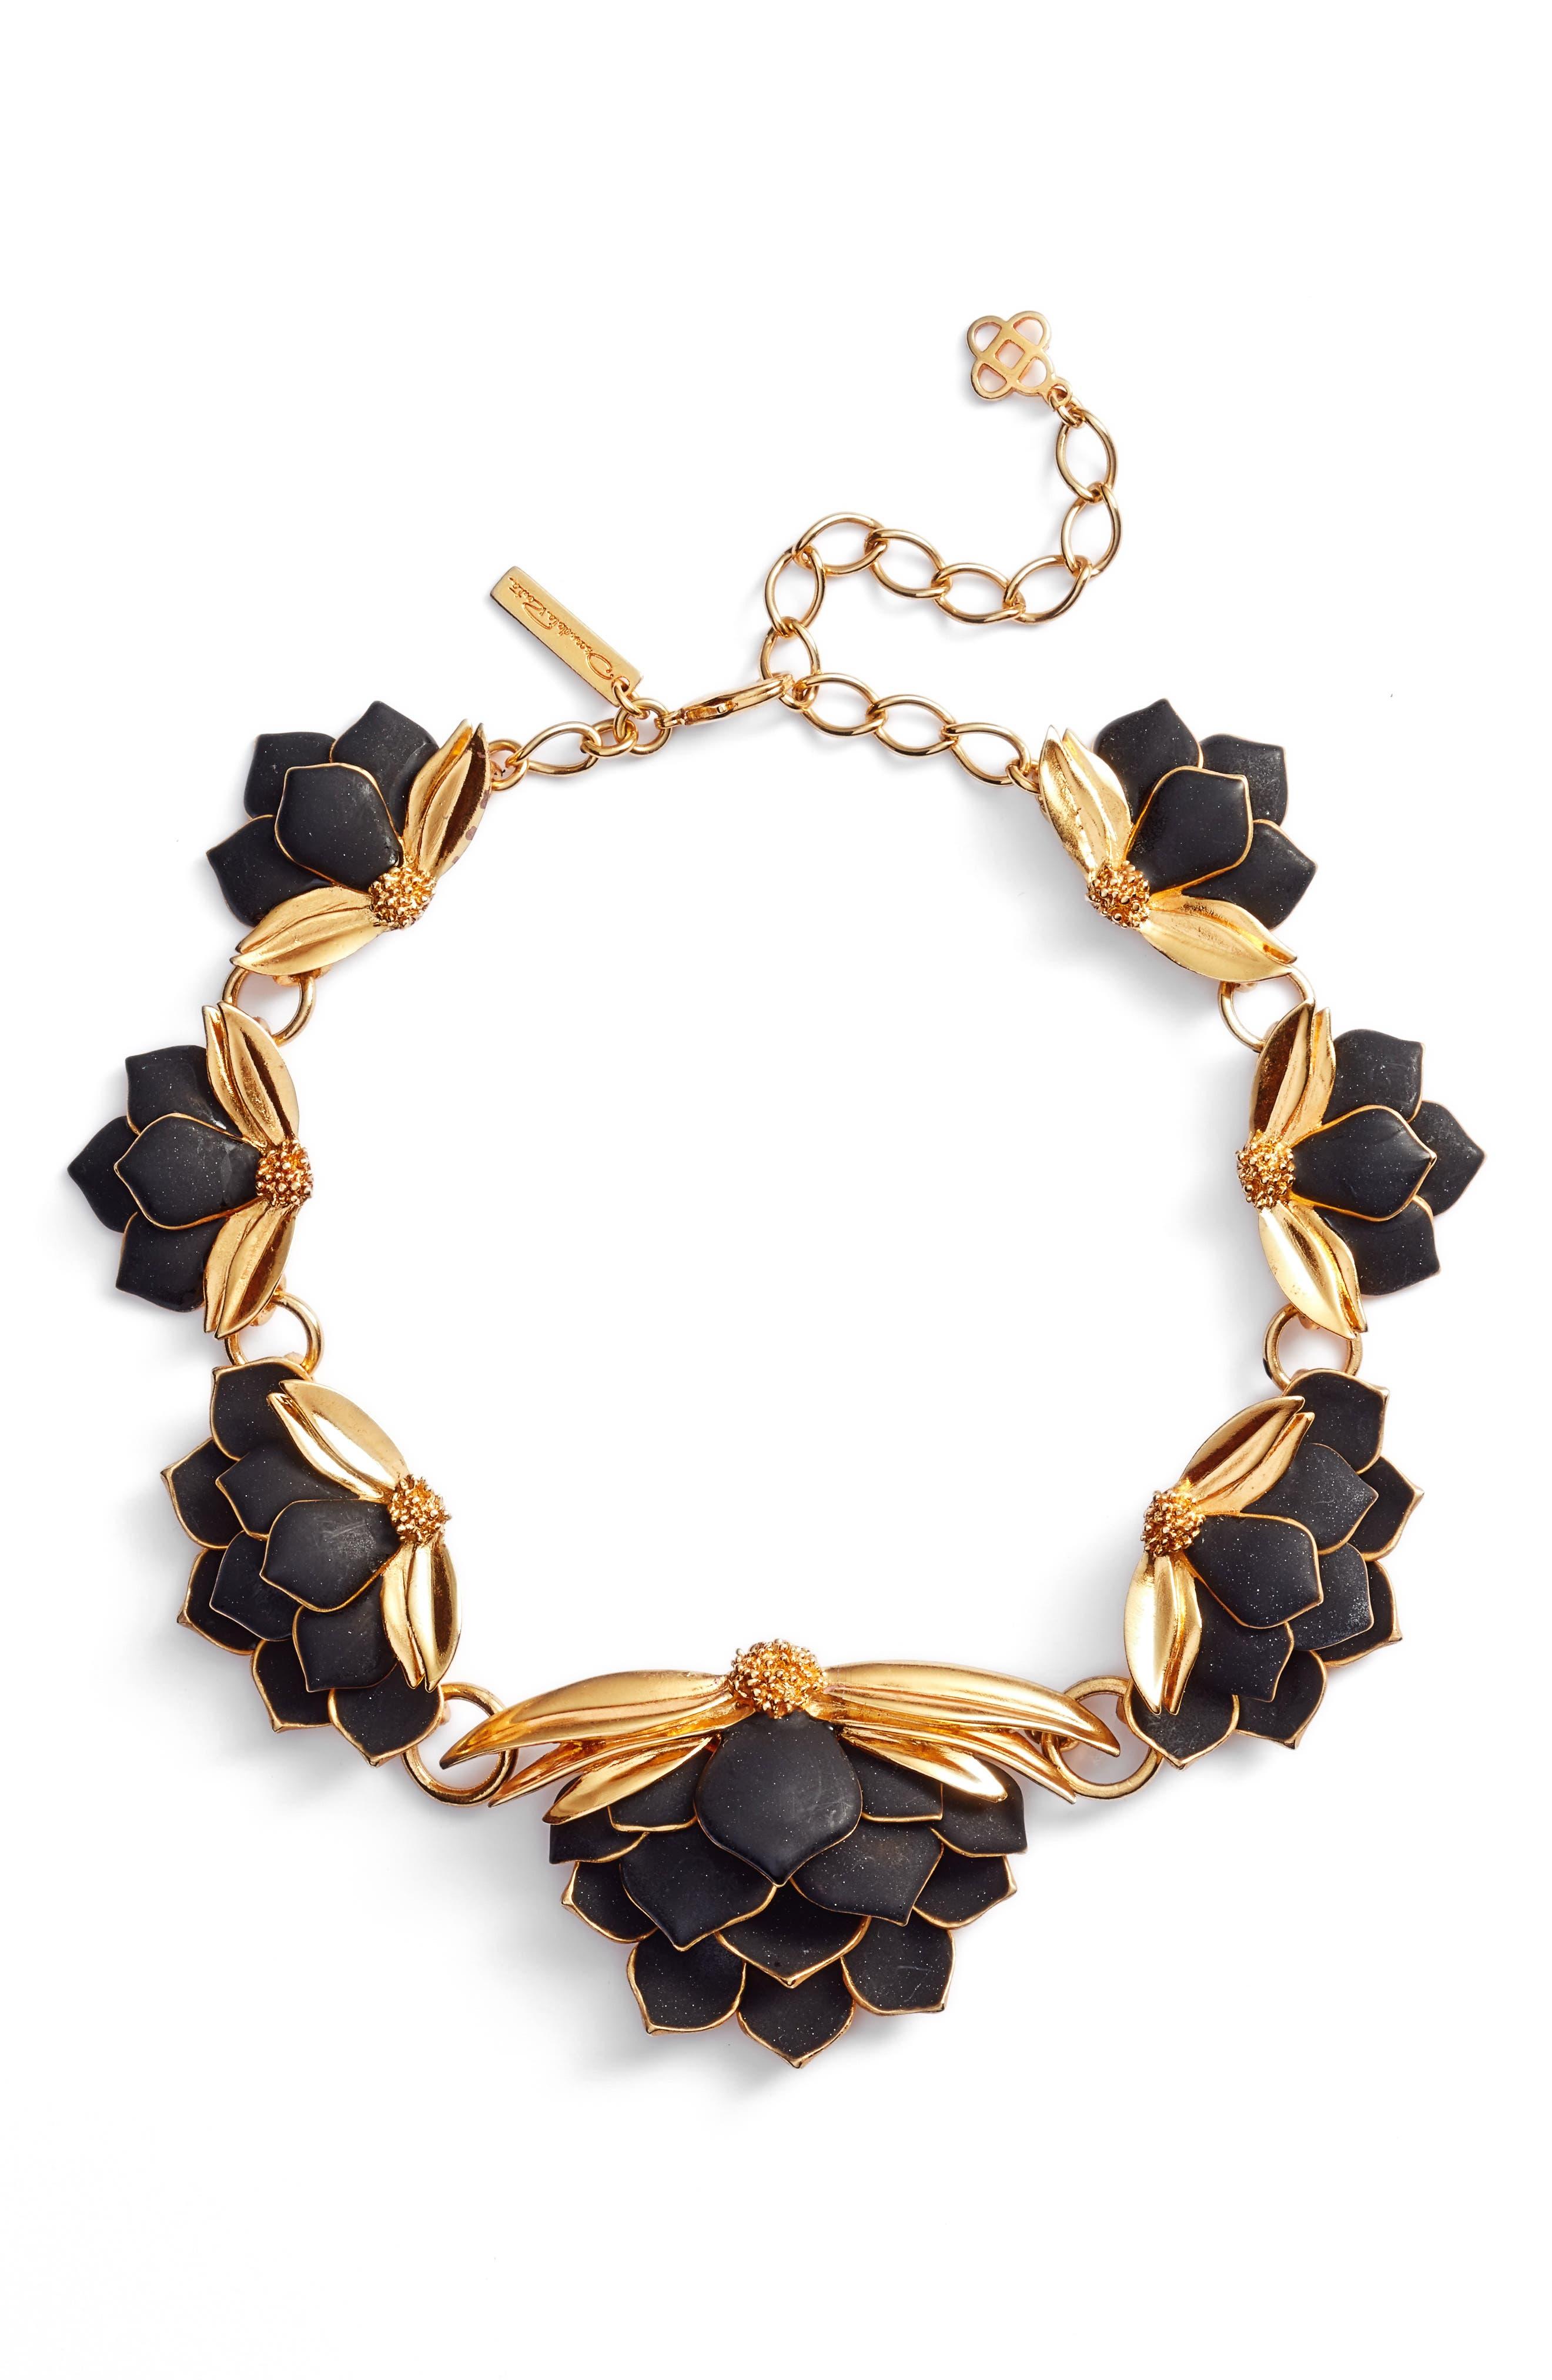 Oscar de la Renta Wild Lotus Necklace